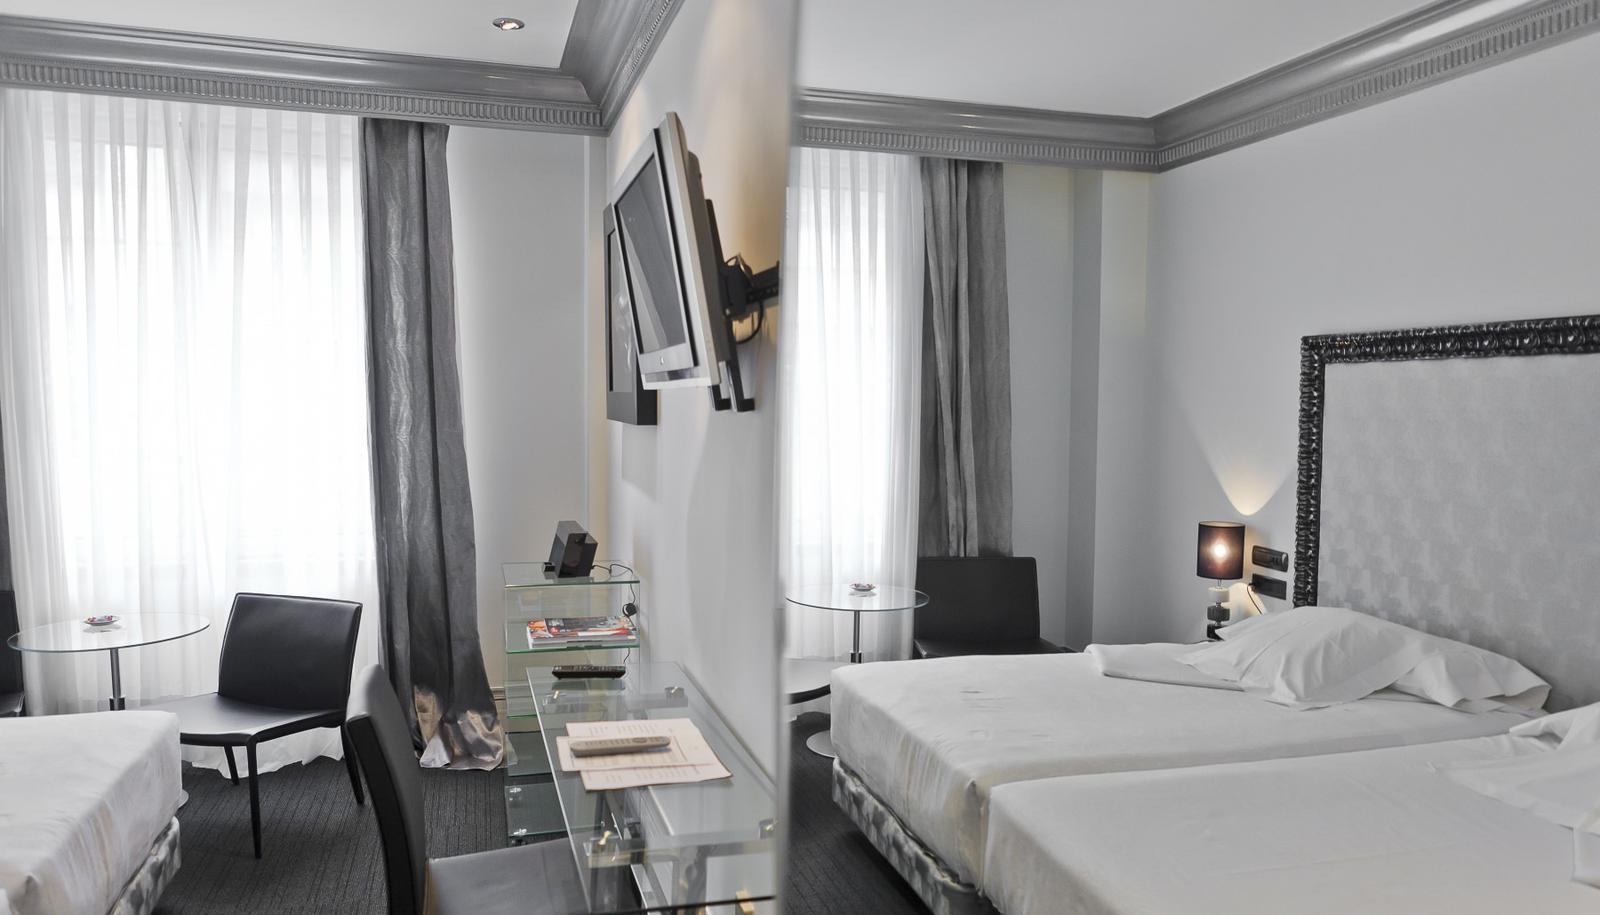 hoteles de lujo baratos hotel bilbao